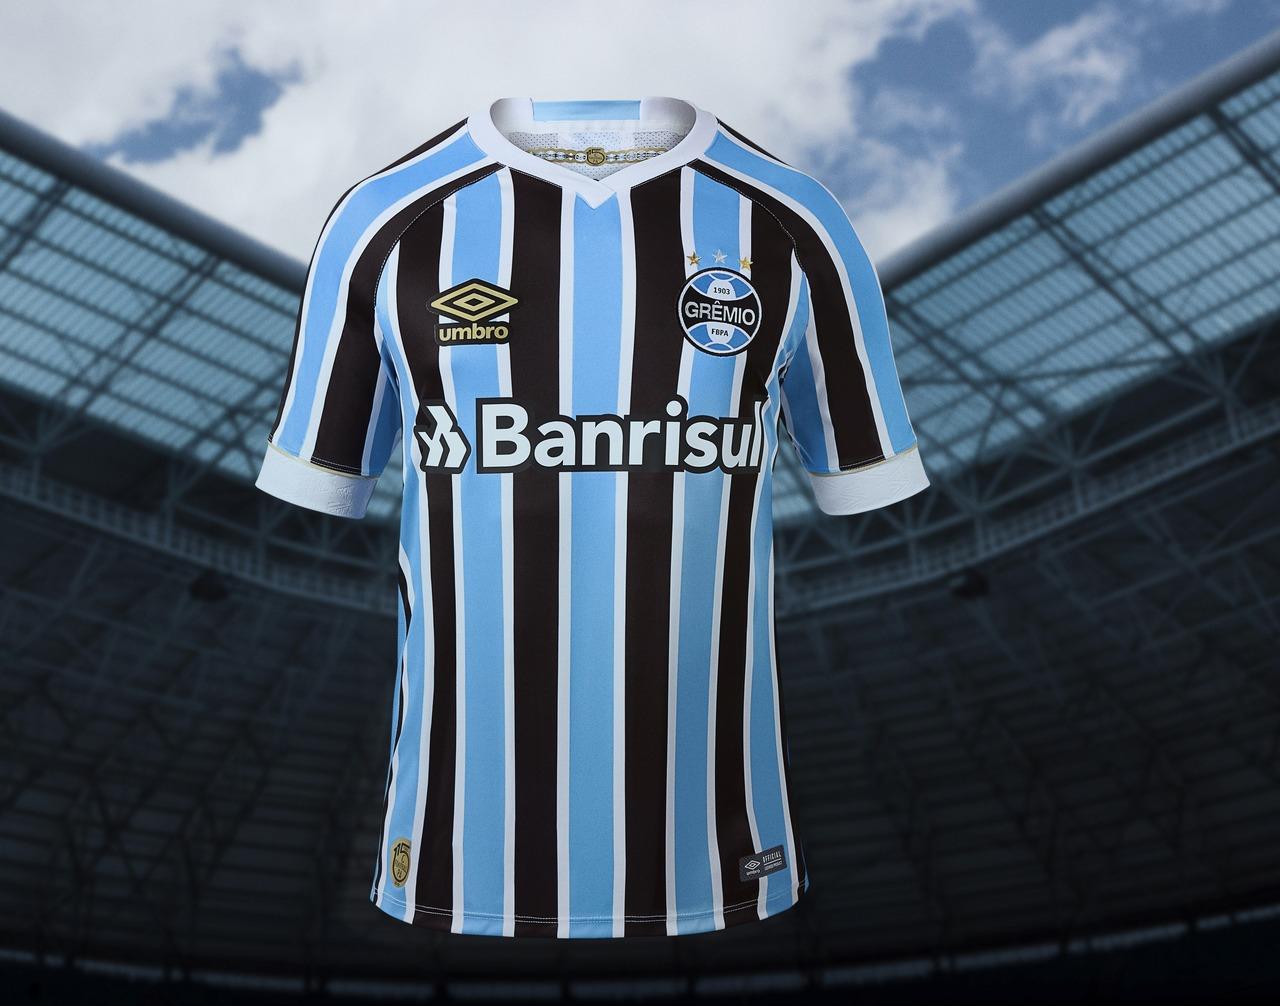 Novo uniforme do Grêmio homenageia os 115 anos do clube 9f827c53899f1